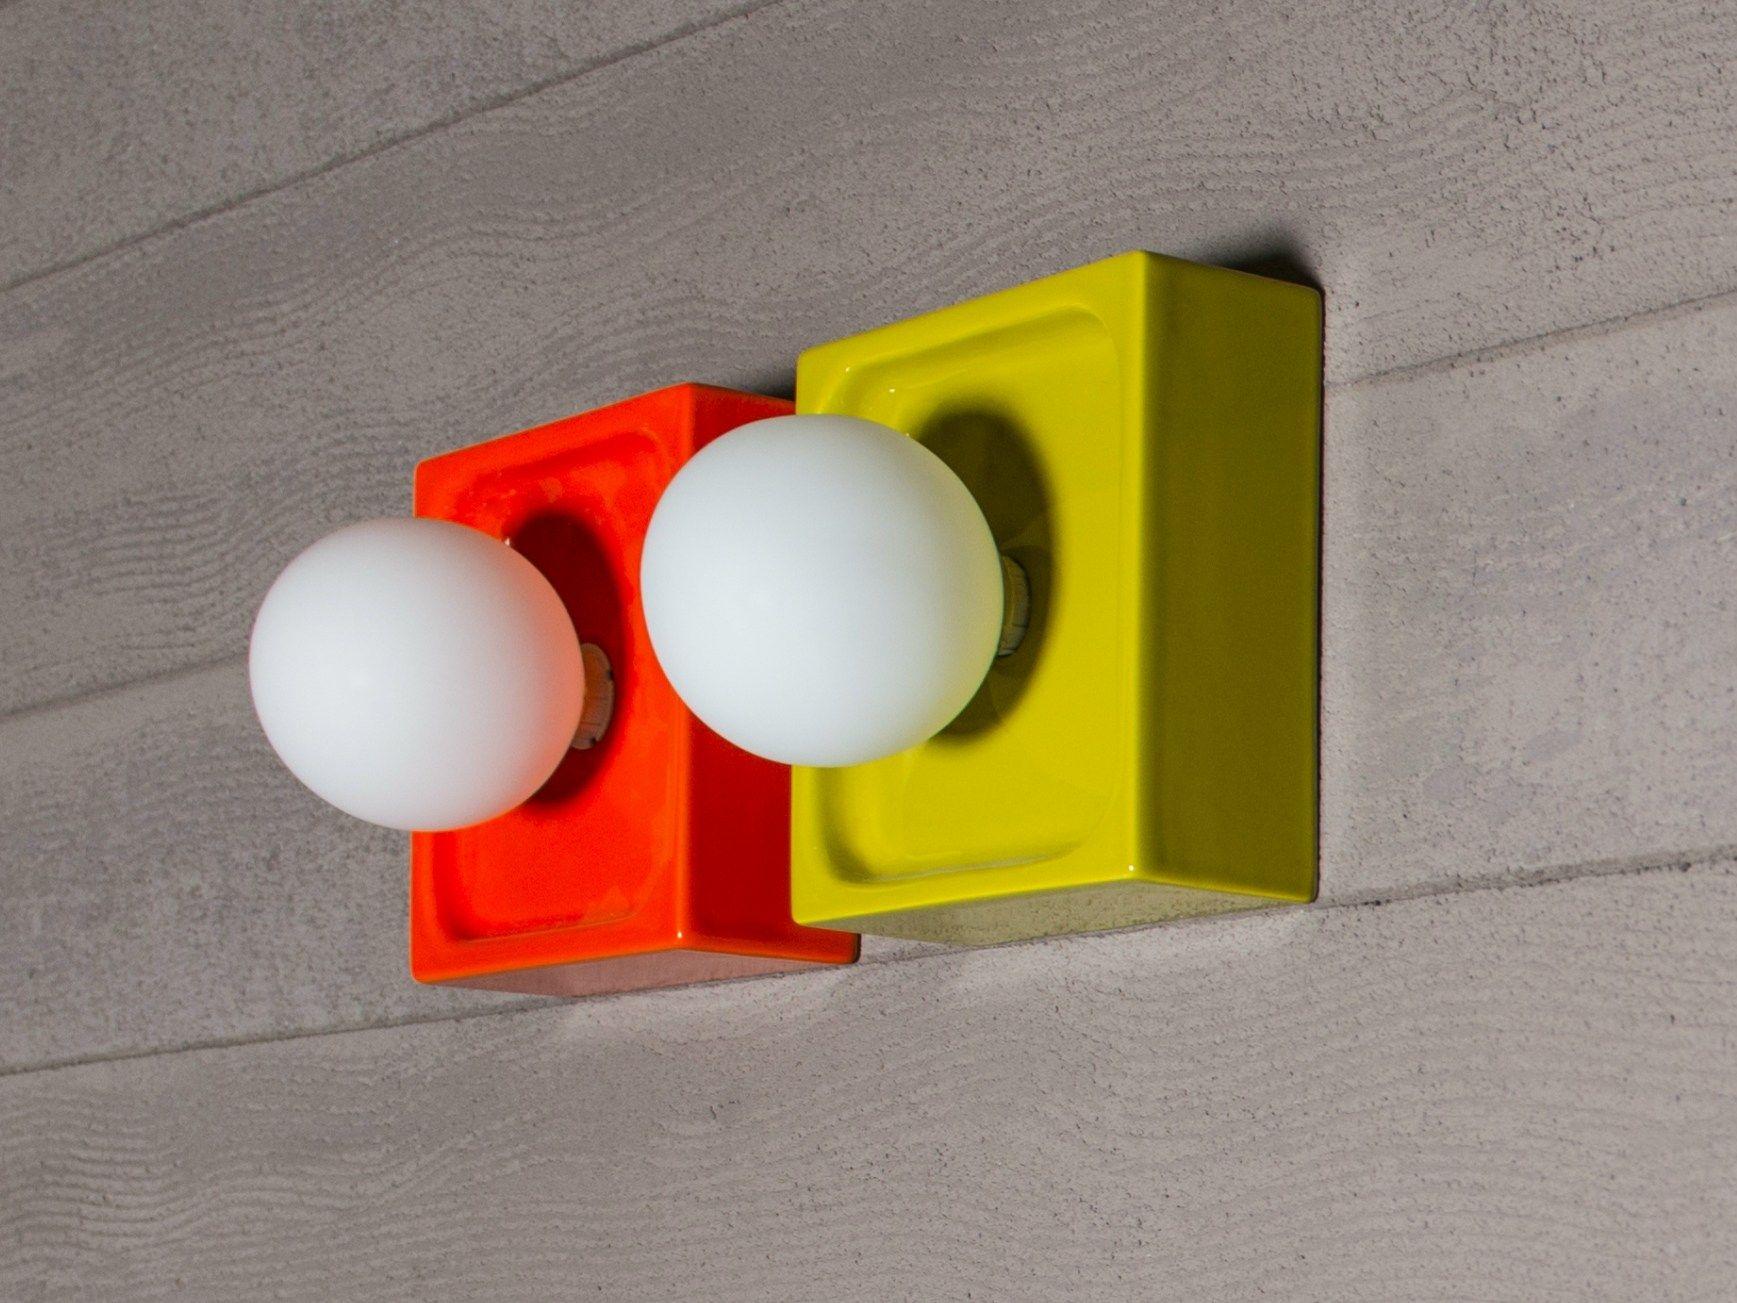 Pic nic applique pour salle de bain by regia design bruna - Applique pour salle de bain ...